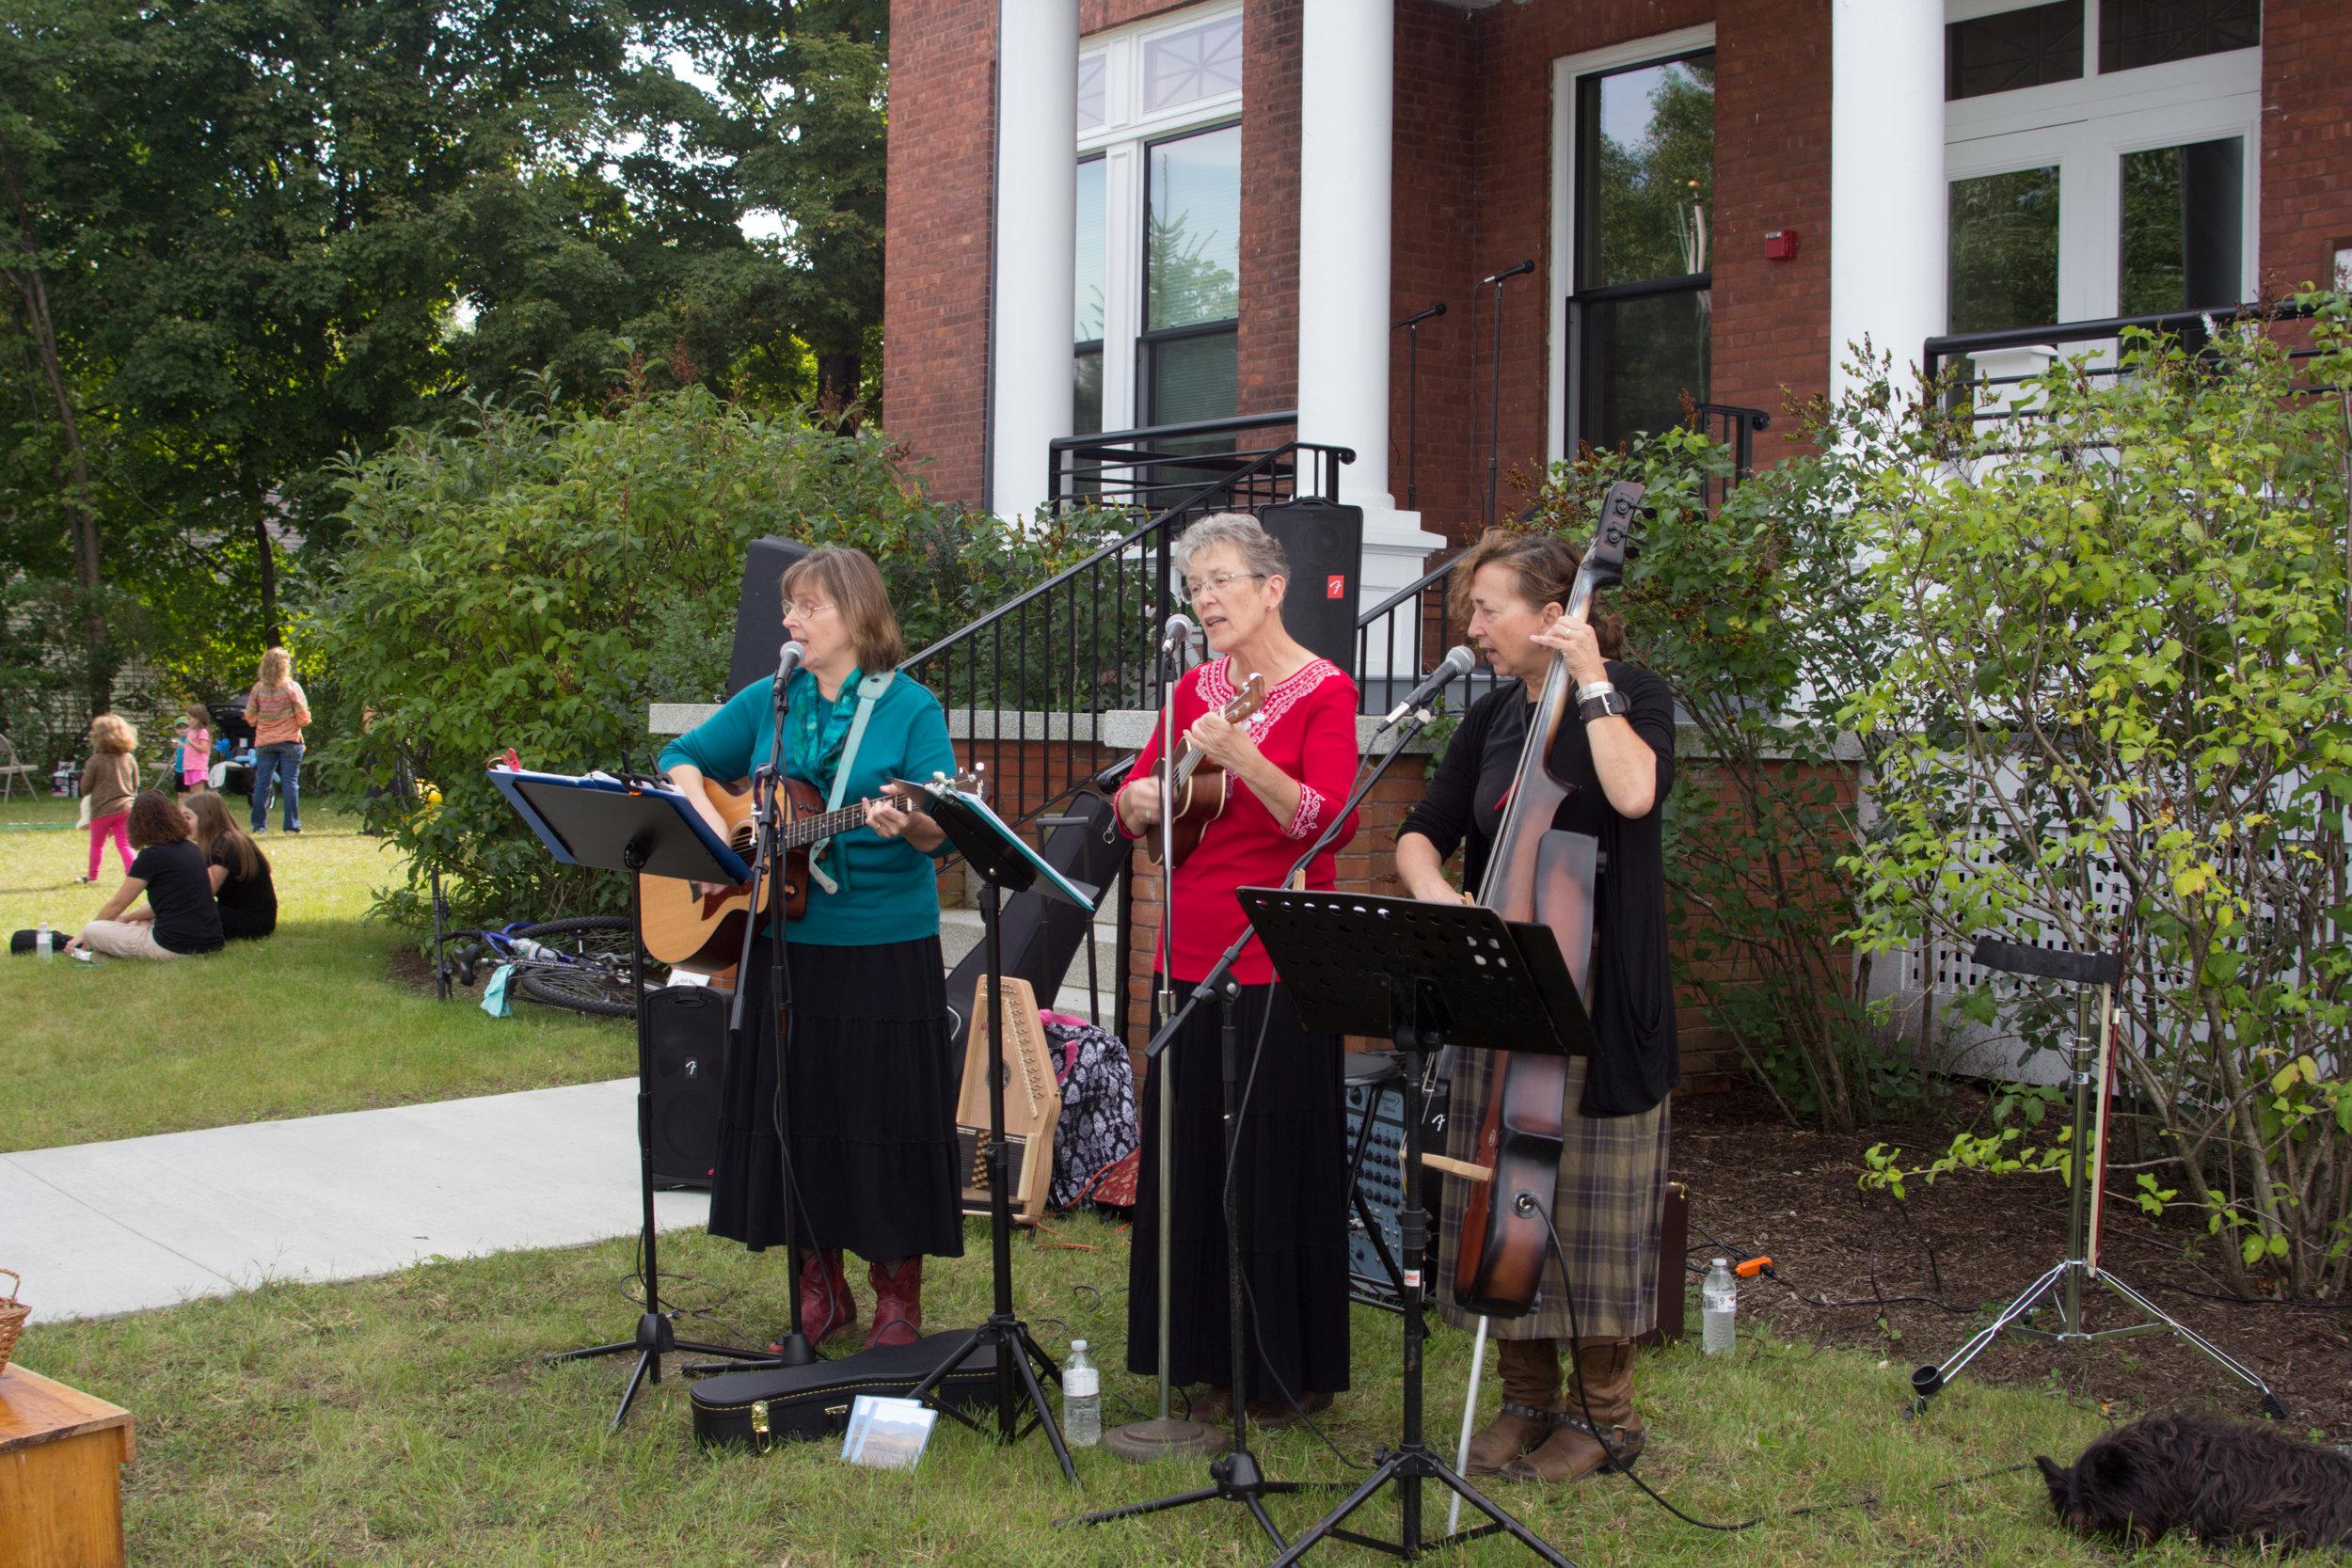 September 17, 2016 Hyde Park Home Day